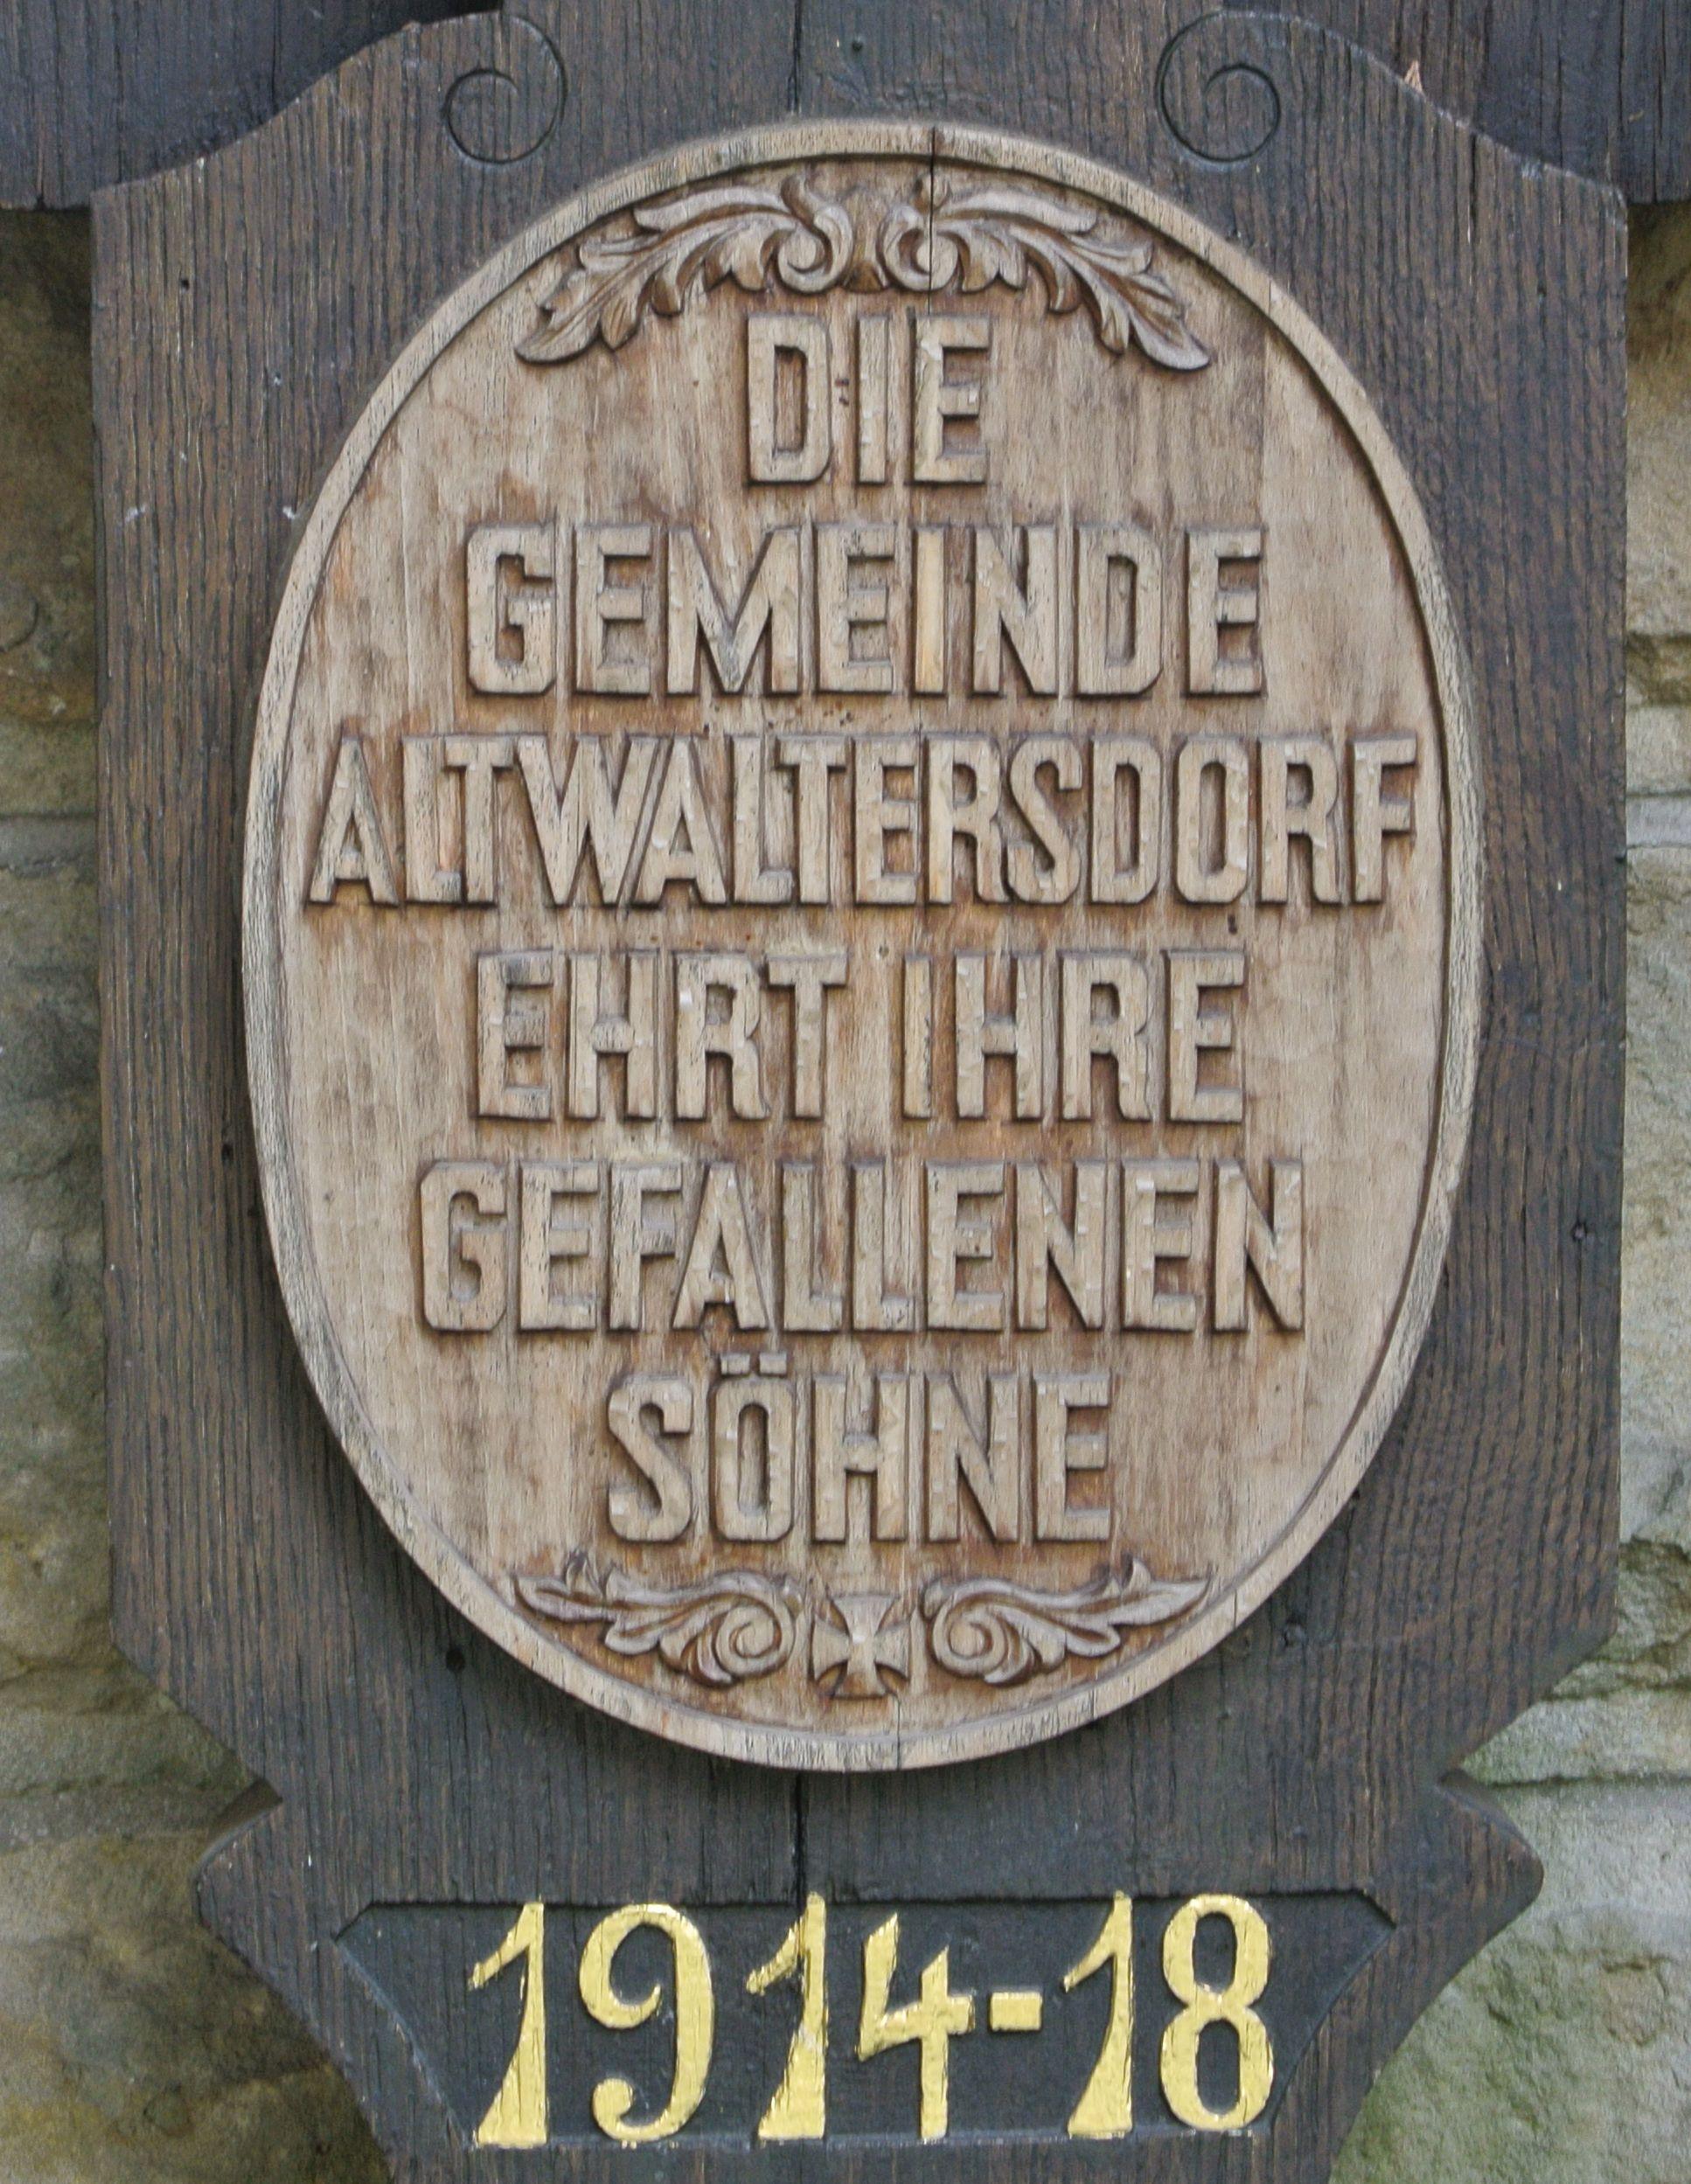 1. Bilder aus Altwaltersdorf